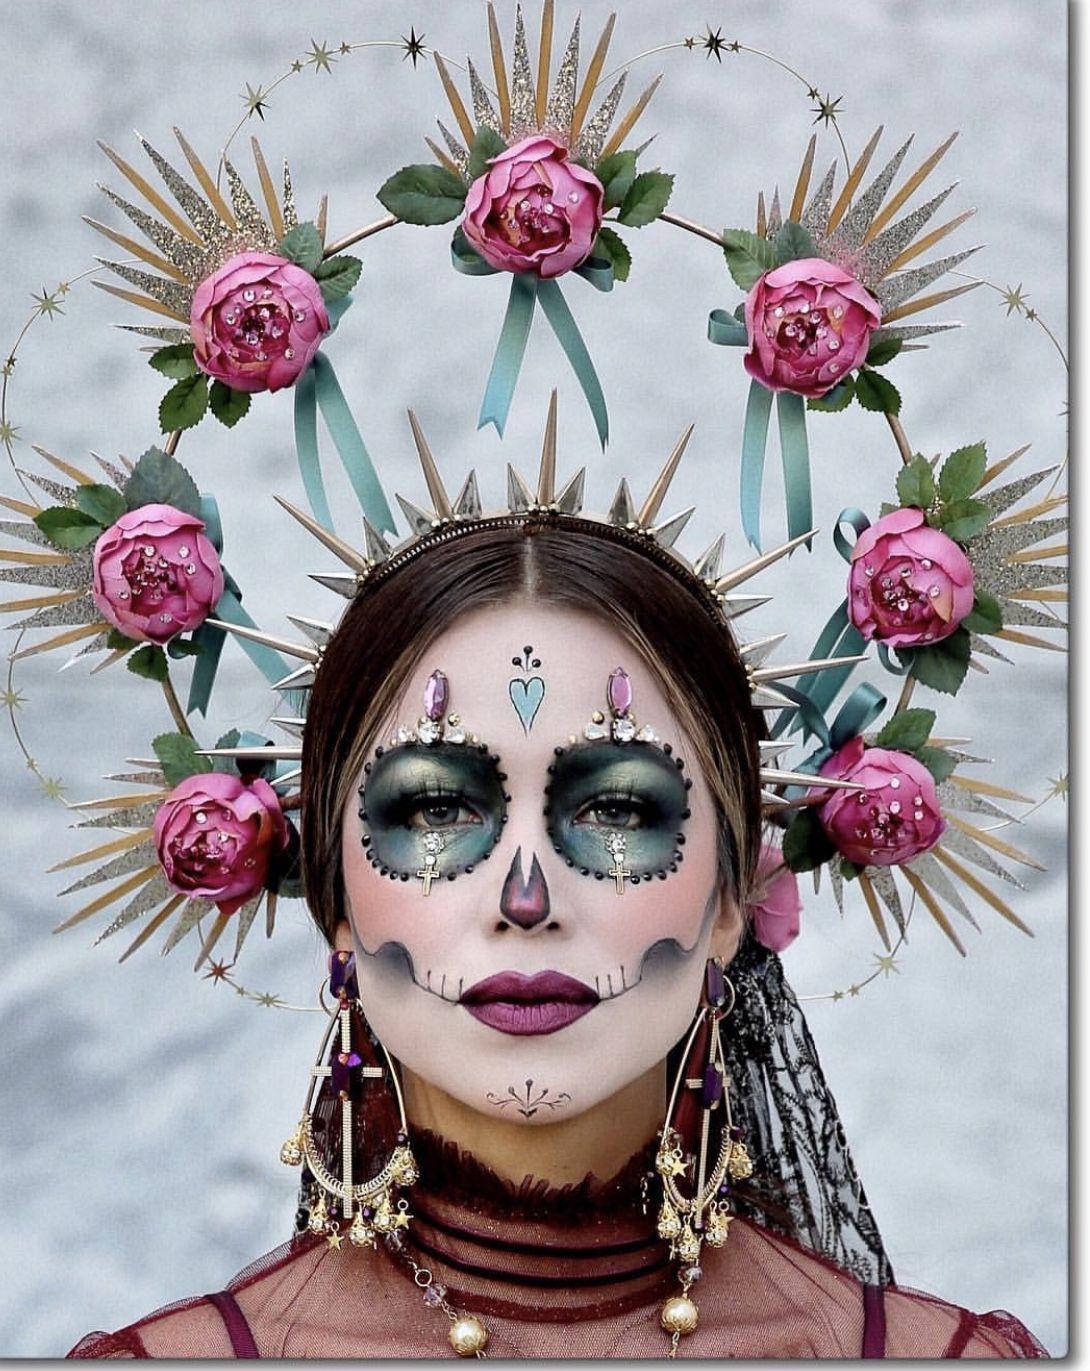 Mercado Halloween Events 2020 Pin by Norelys Mercado on CATRINAS in 2020 | Sugar skull costume